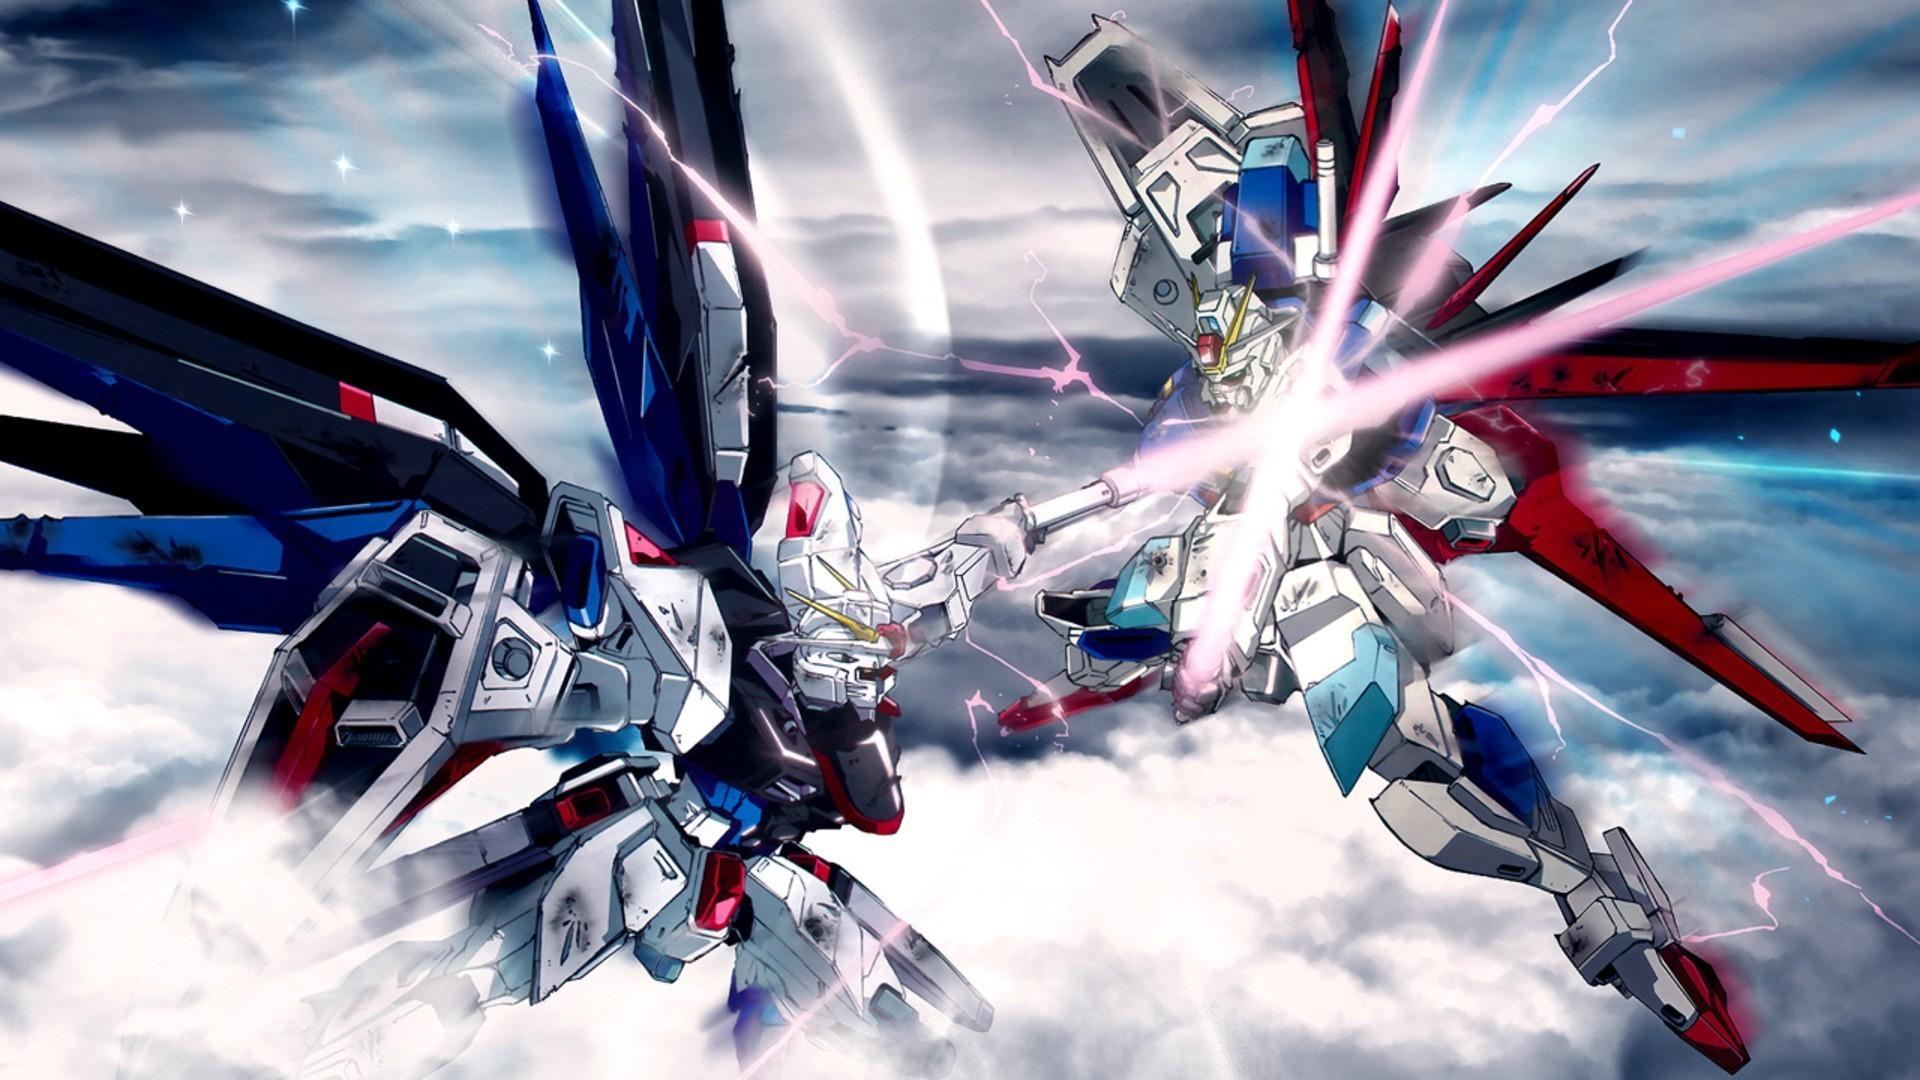 Gundam Seed Wallpaper Download mobile suit gundam seed .